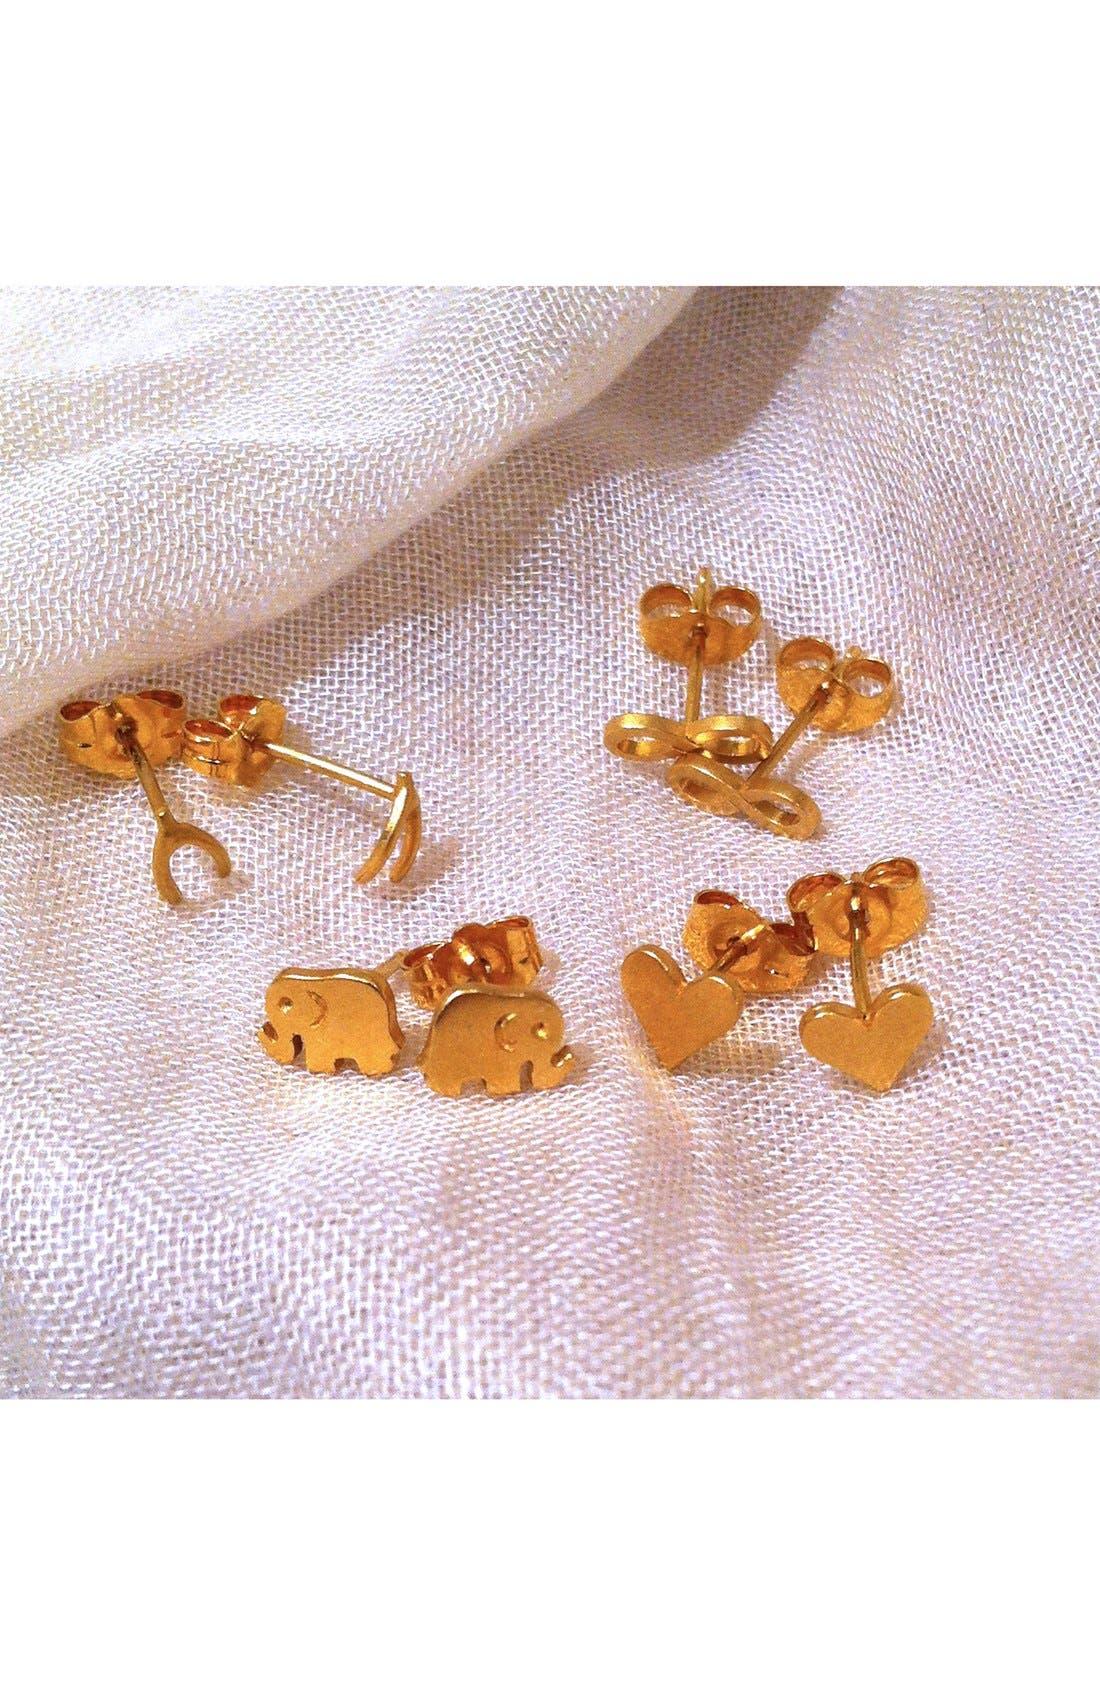 Alternate Image 3  - Dogeared 'It's the Little Things' Elephant Stud Earrings